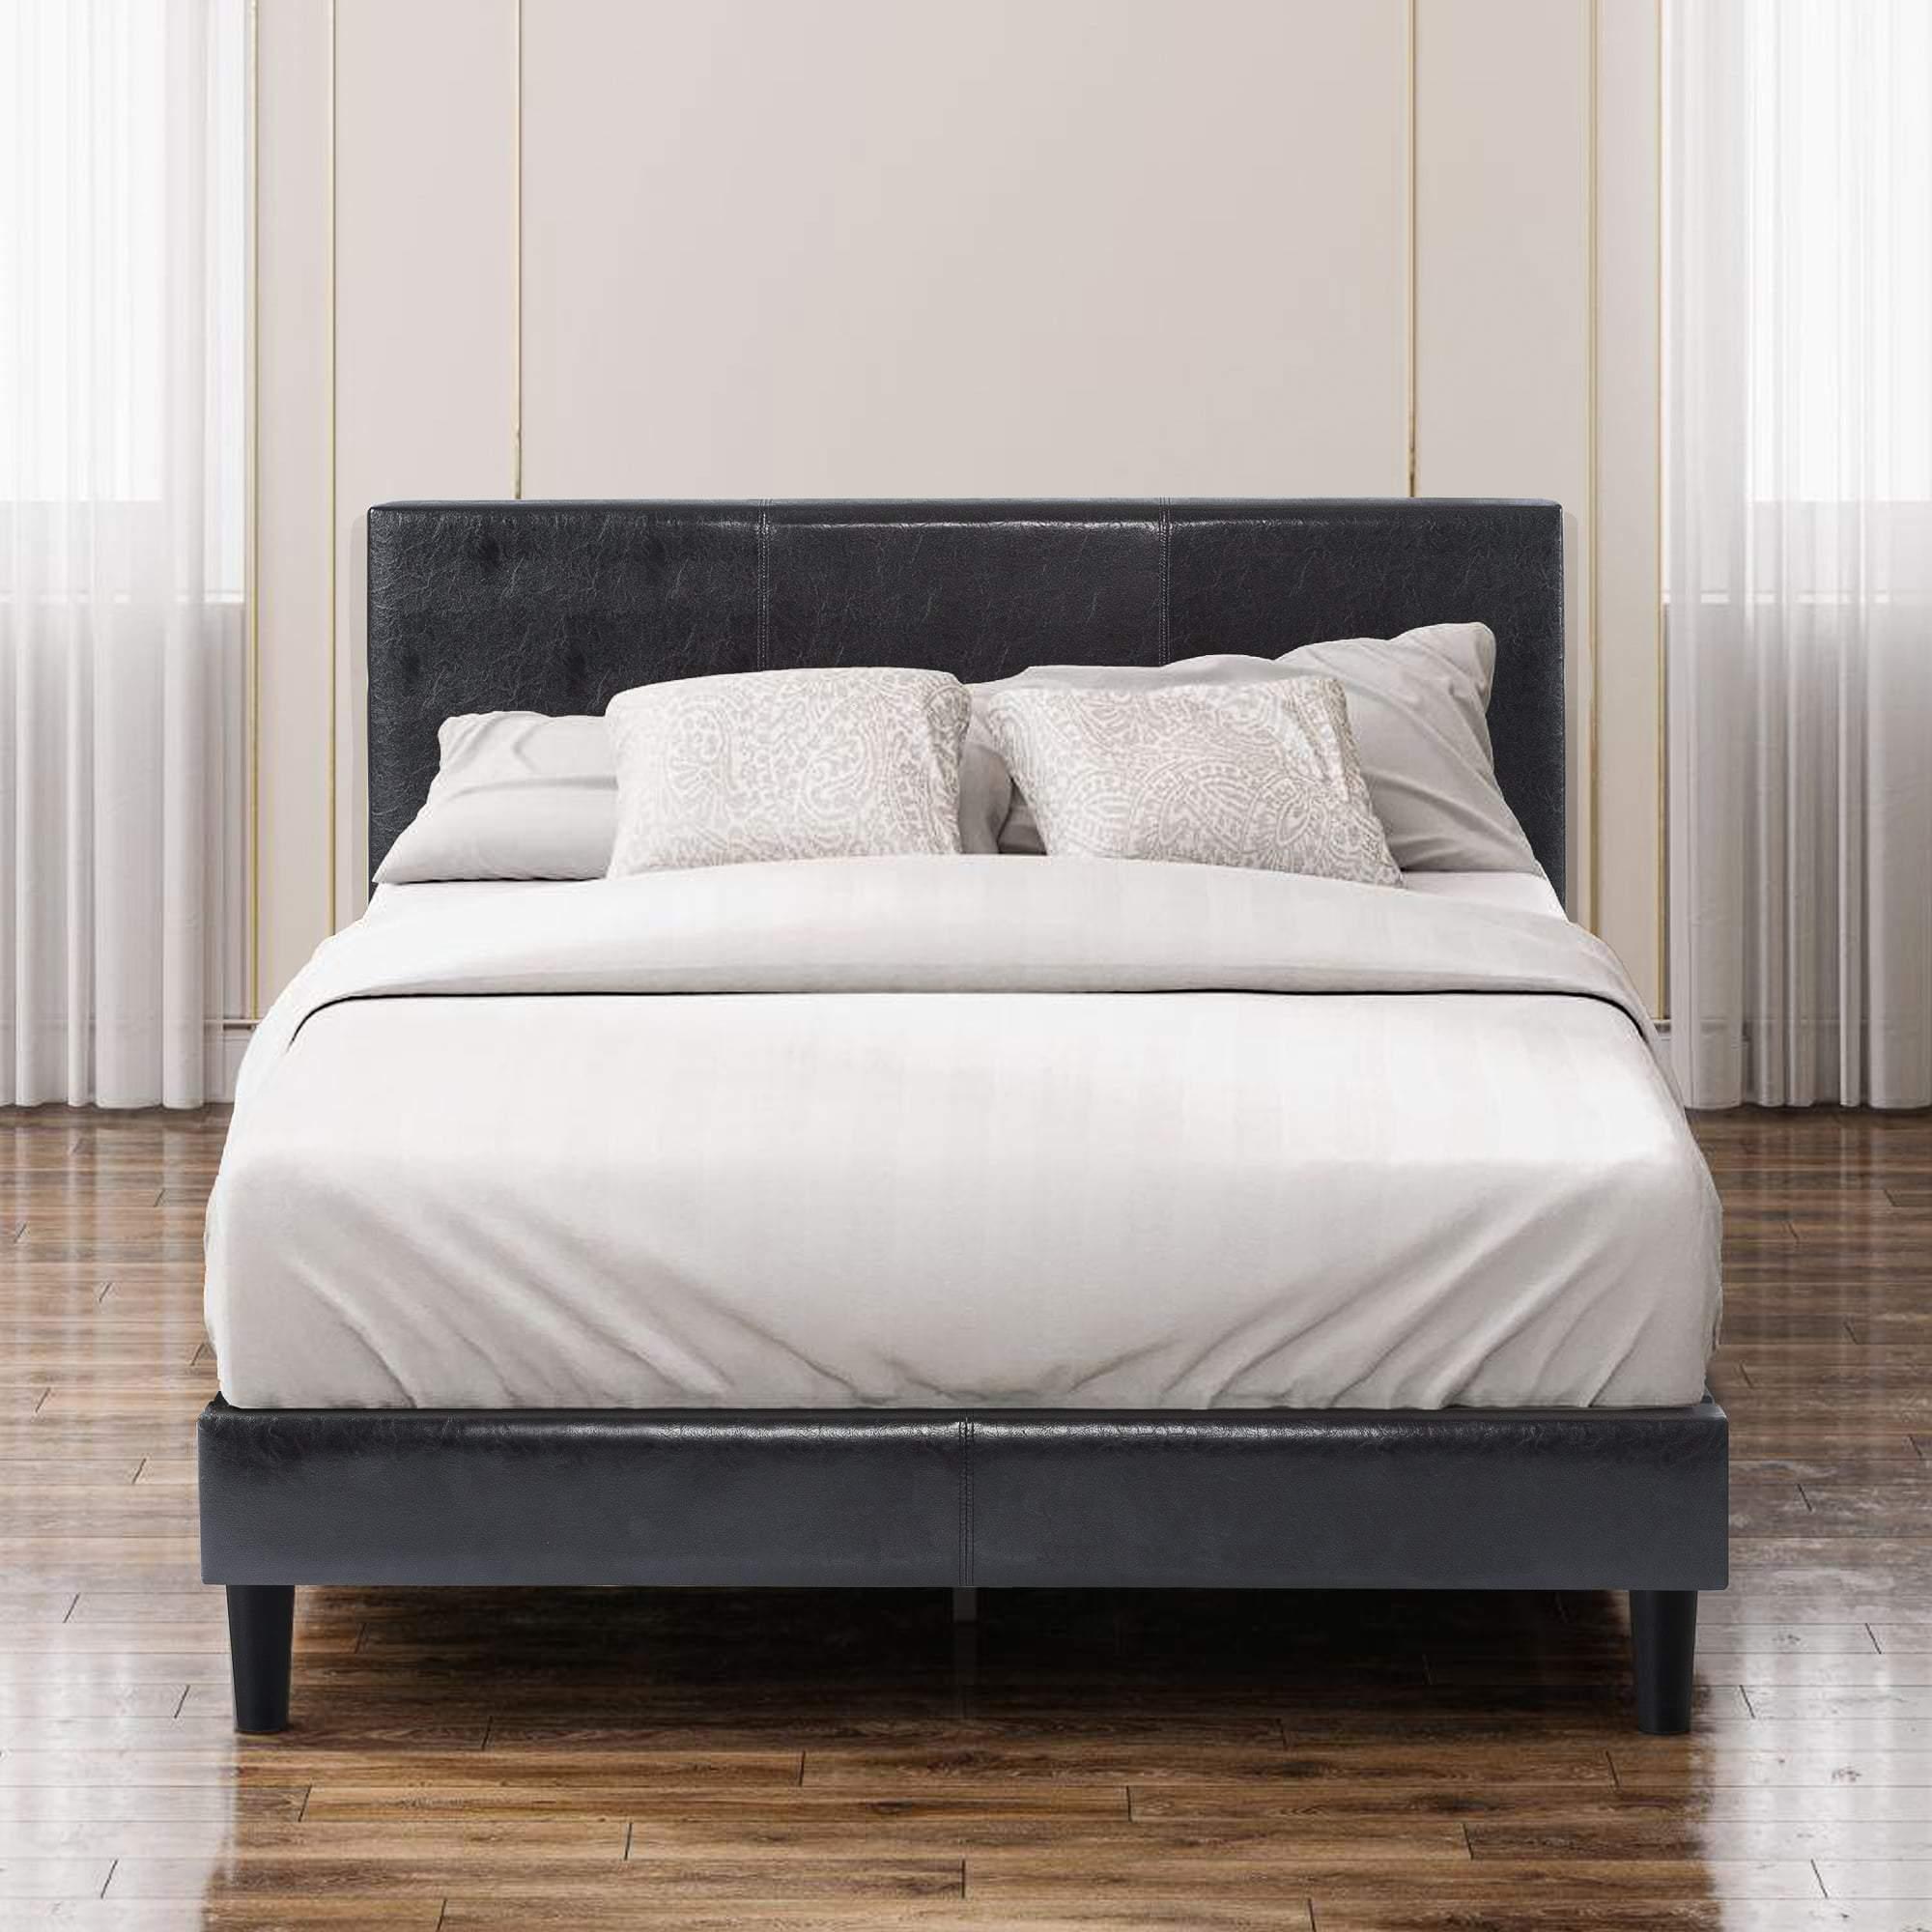 Jade Faux Leather Upholstered Platform Bed Frame with Short Headboard Black